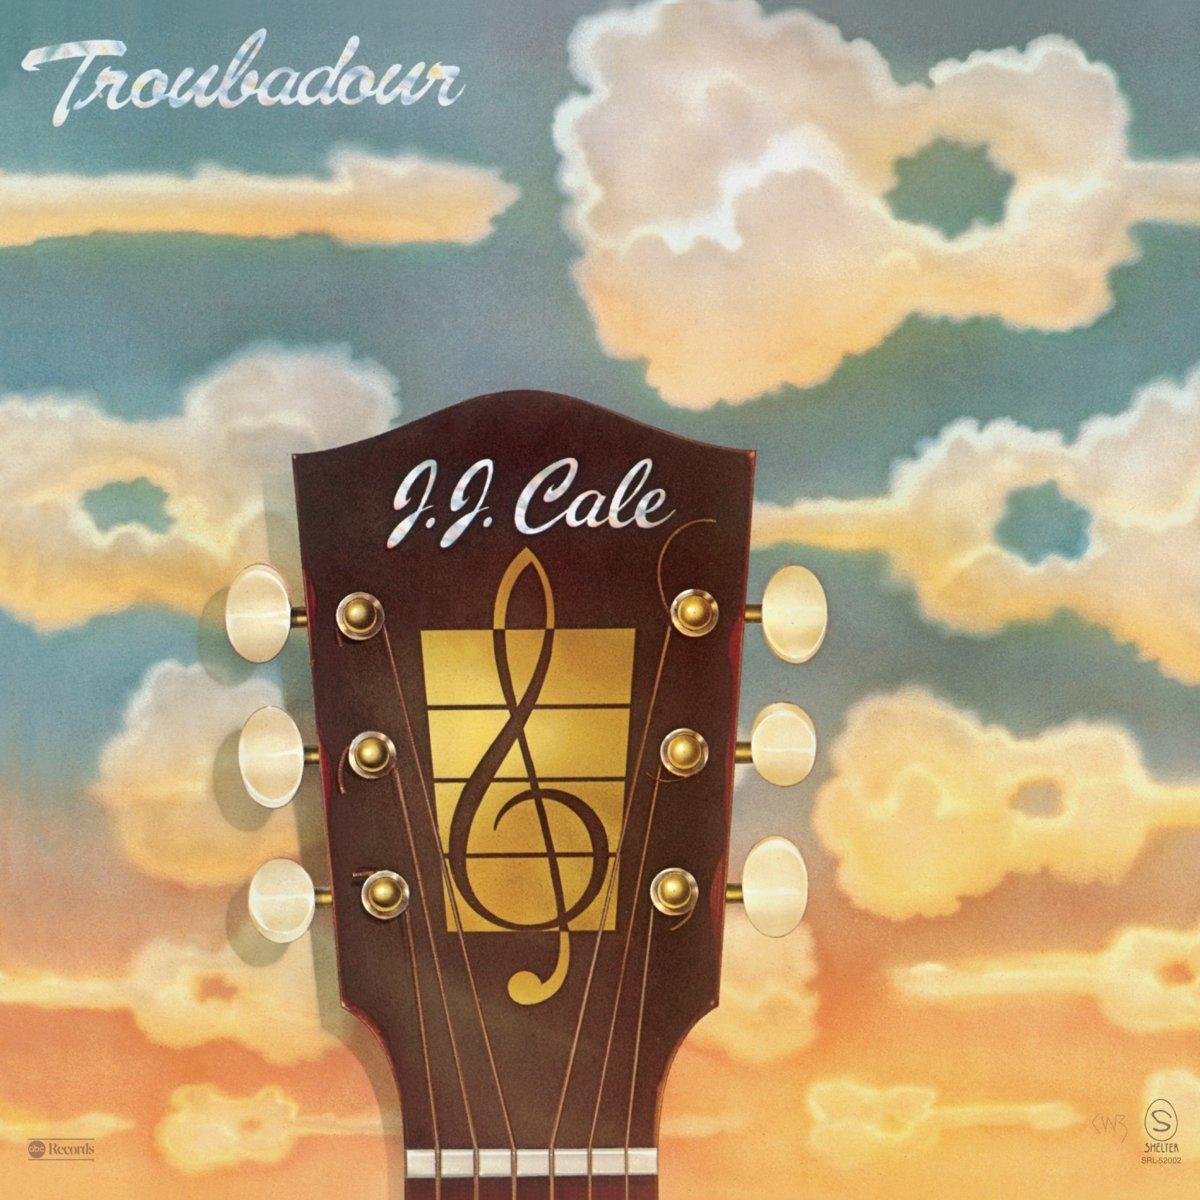 J.J. Cale - Troubadour (Spain - Import)